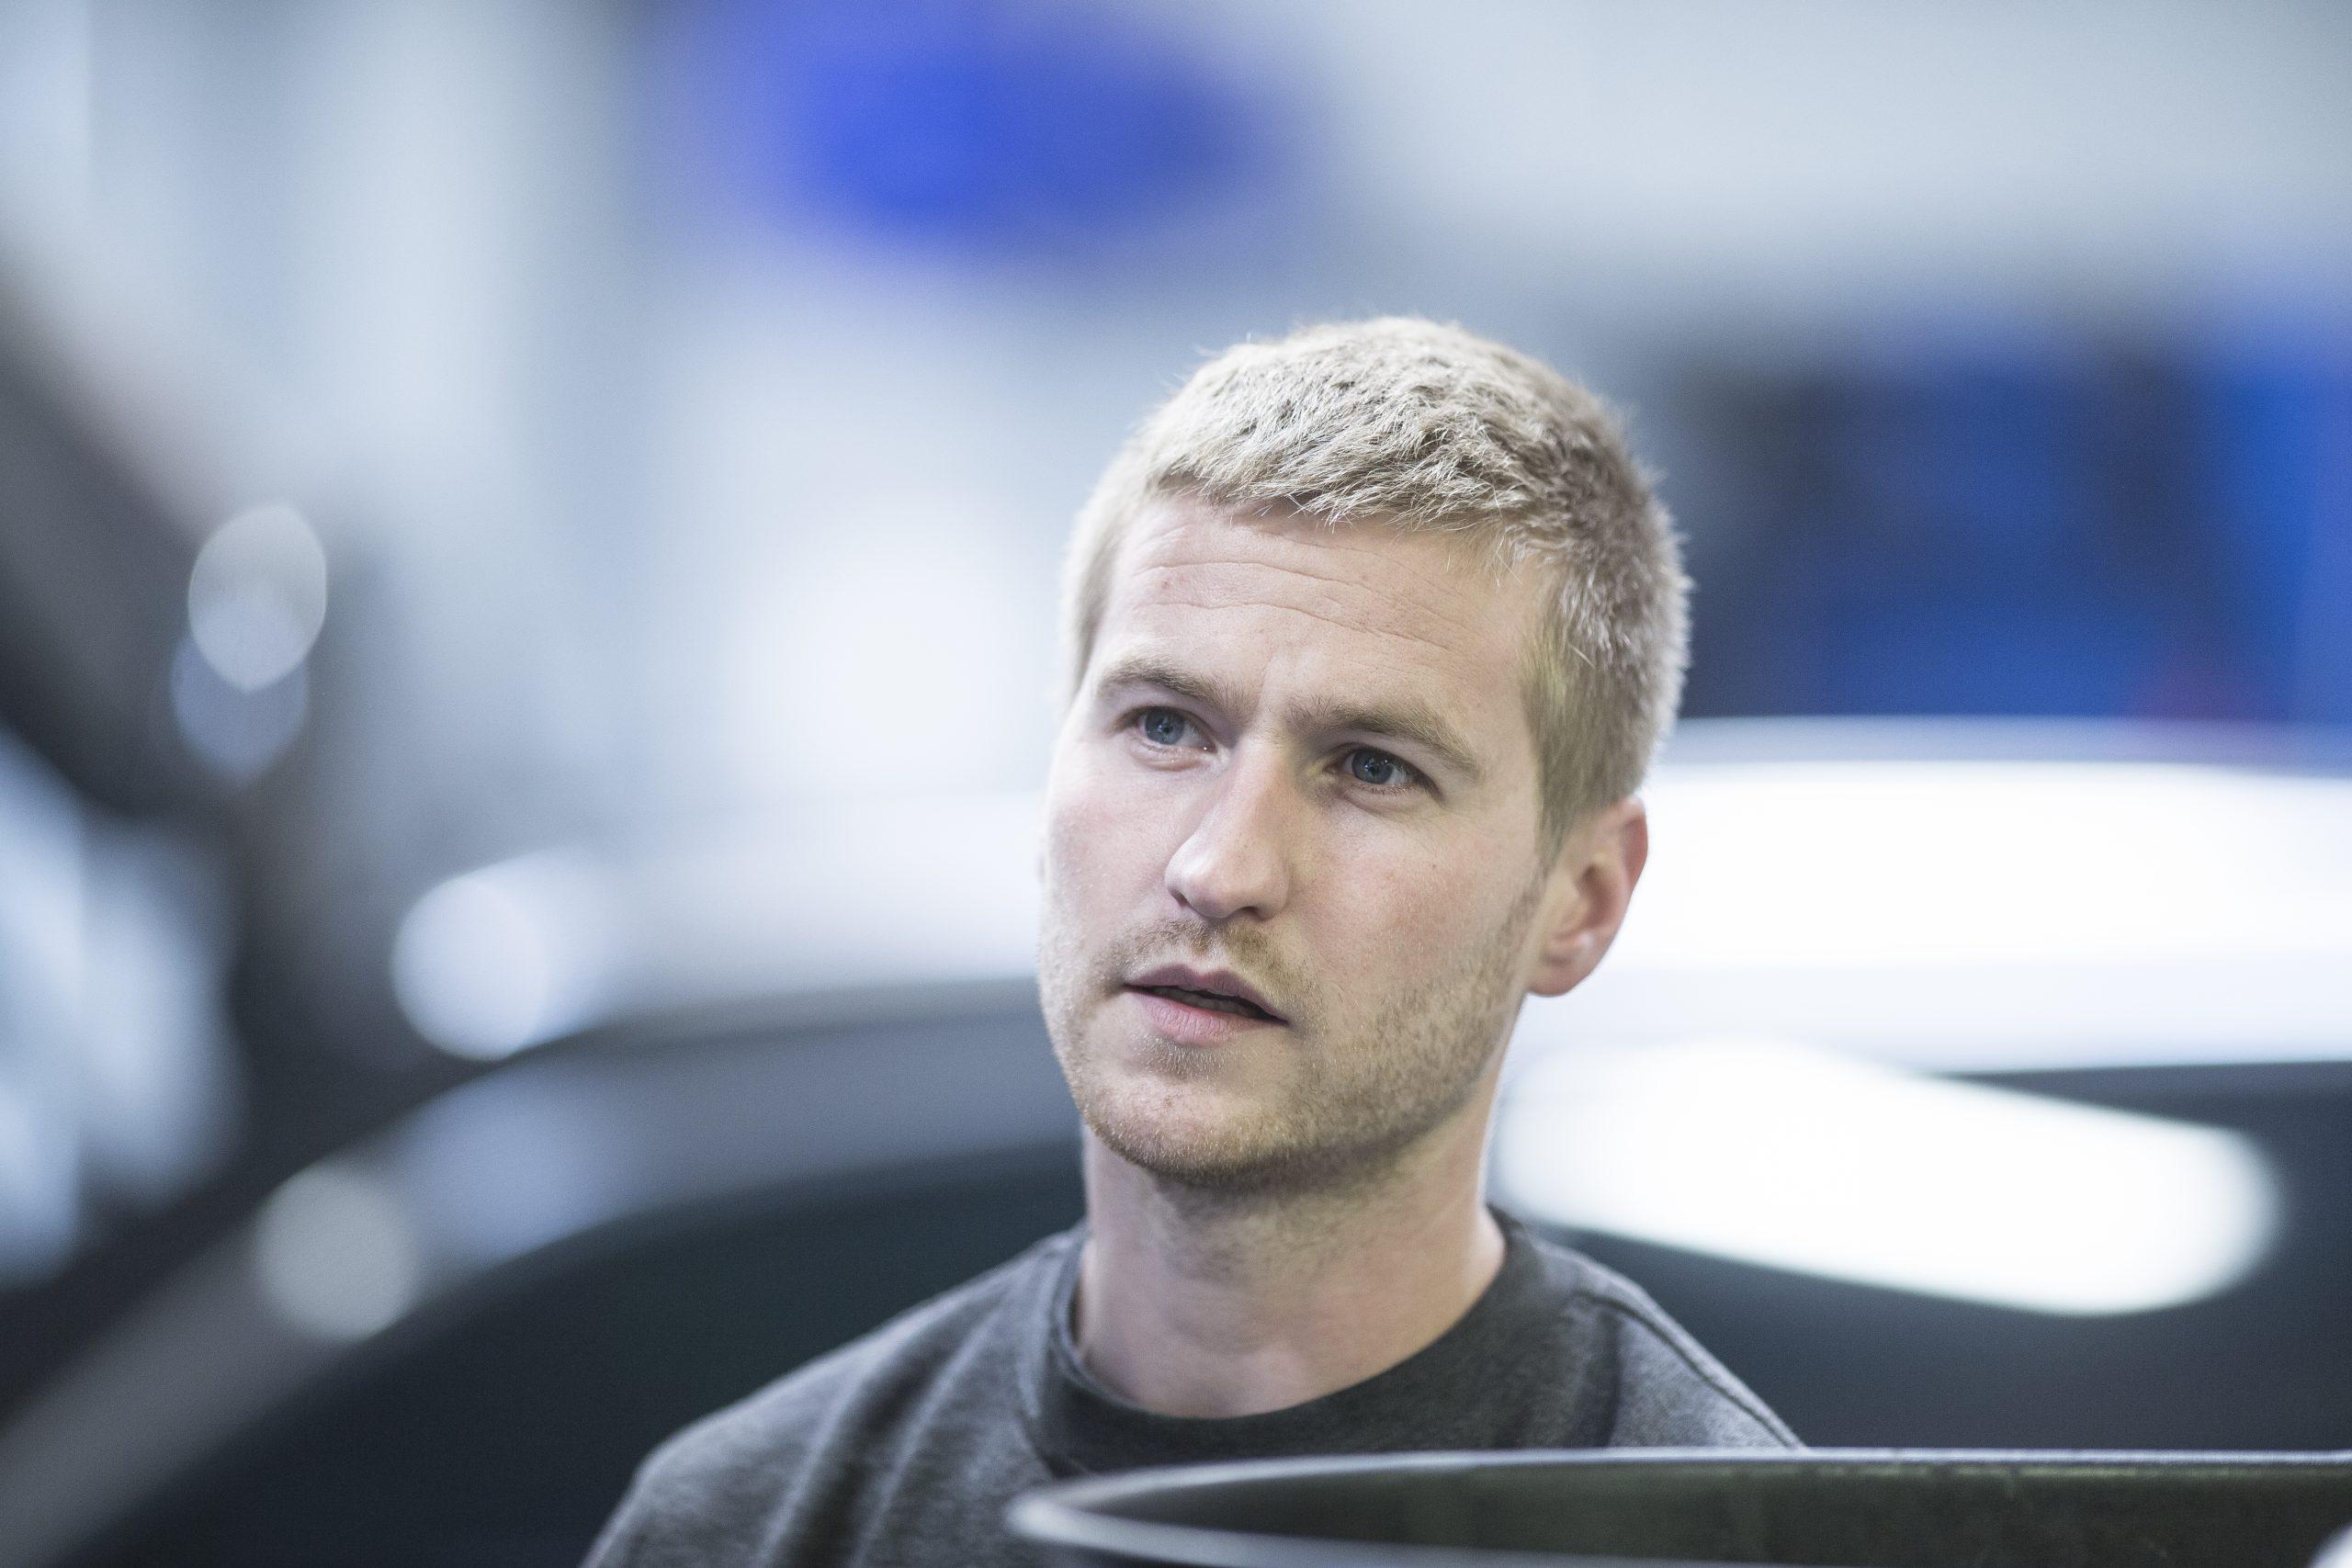 Niklas Storgaard